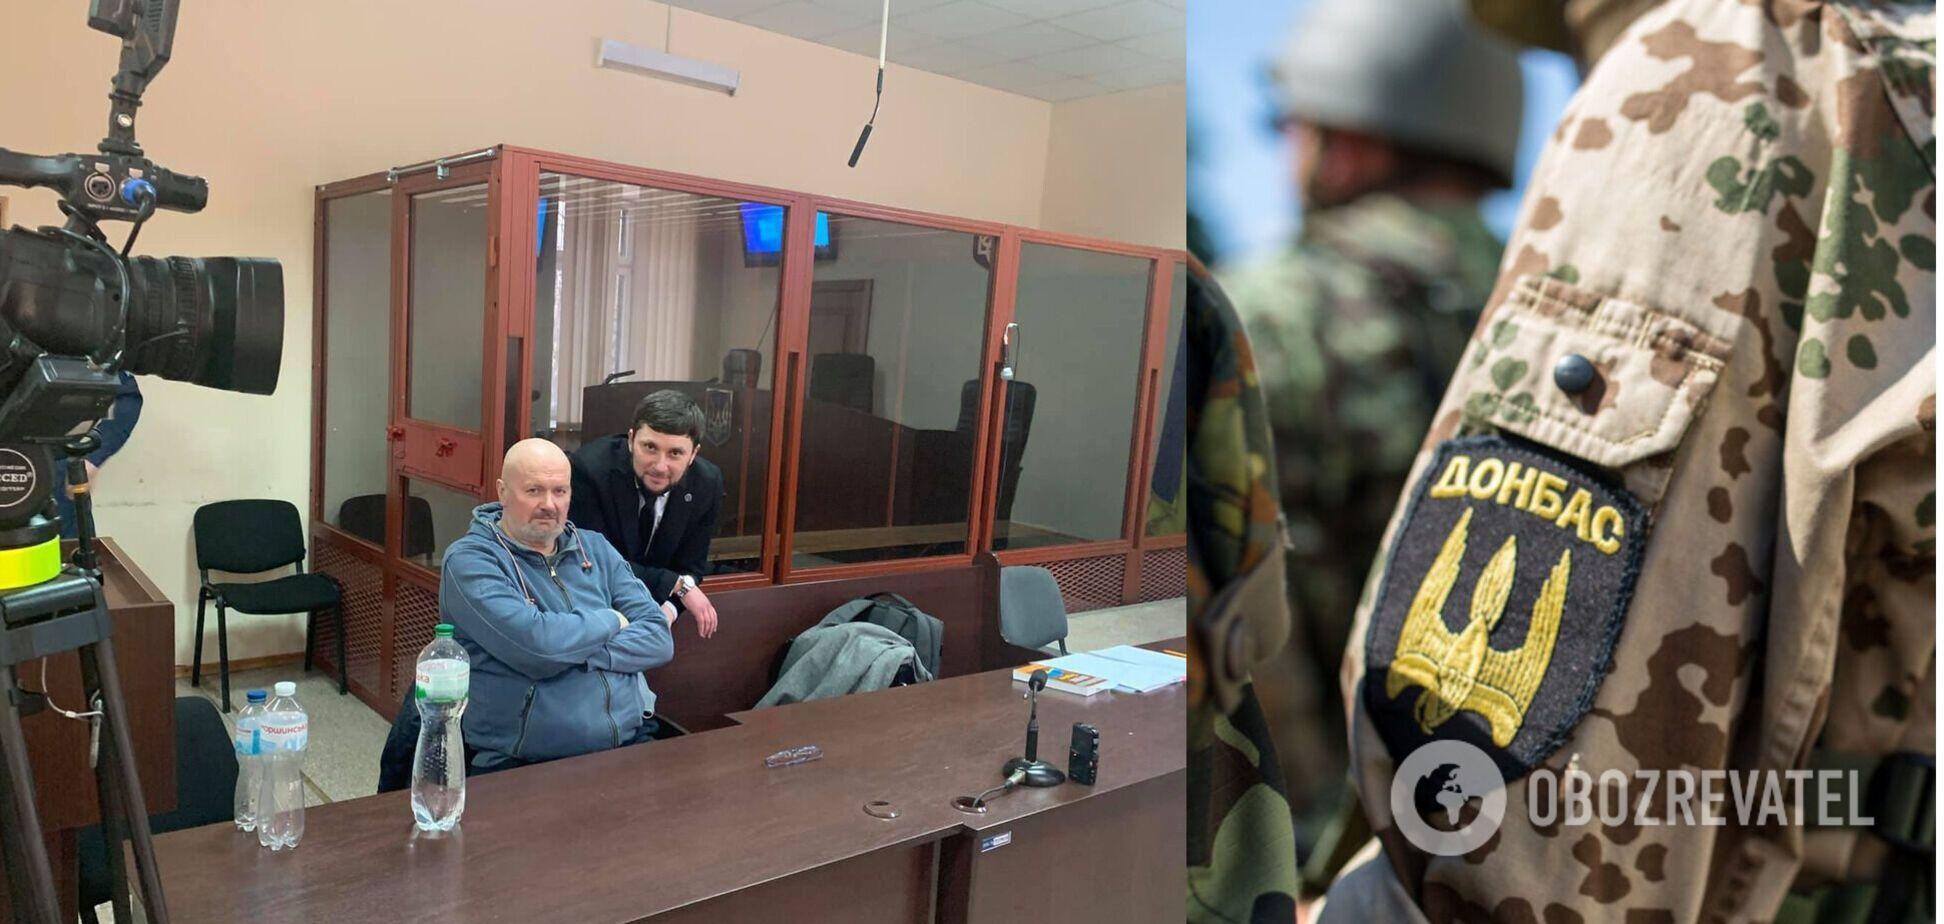 У справі 'ПВК Семенченка-Шевченка' заарештували екскомбата 'Донбасу'